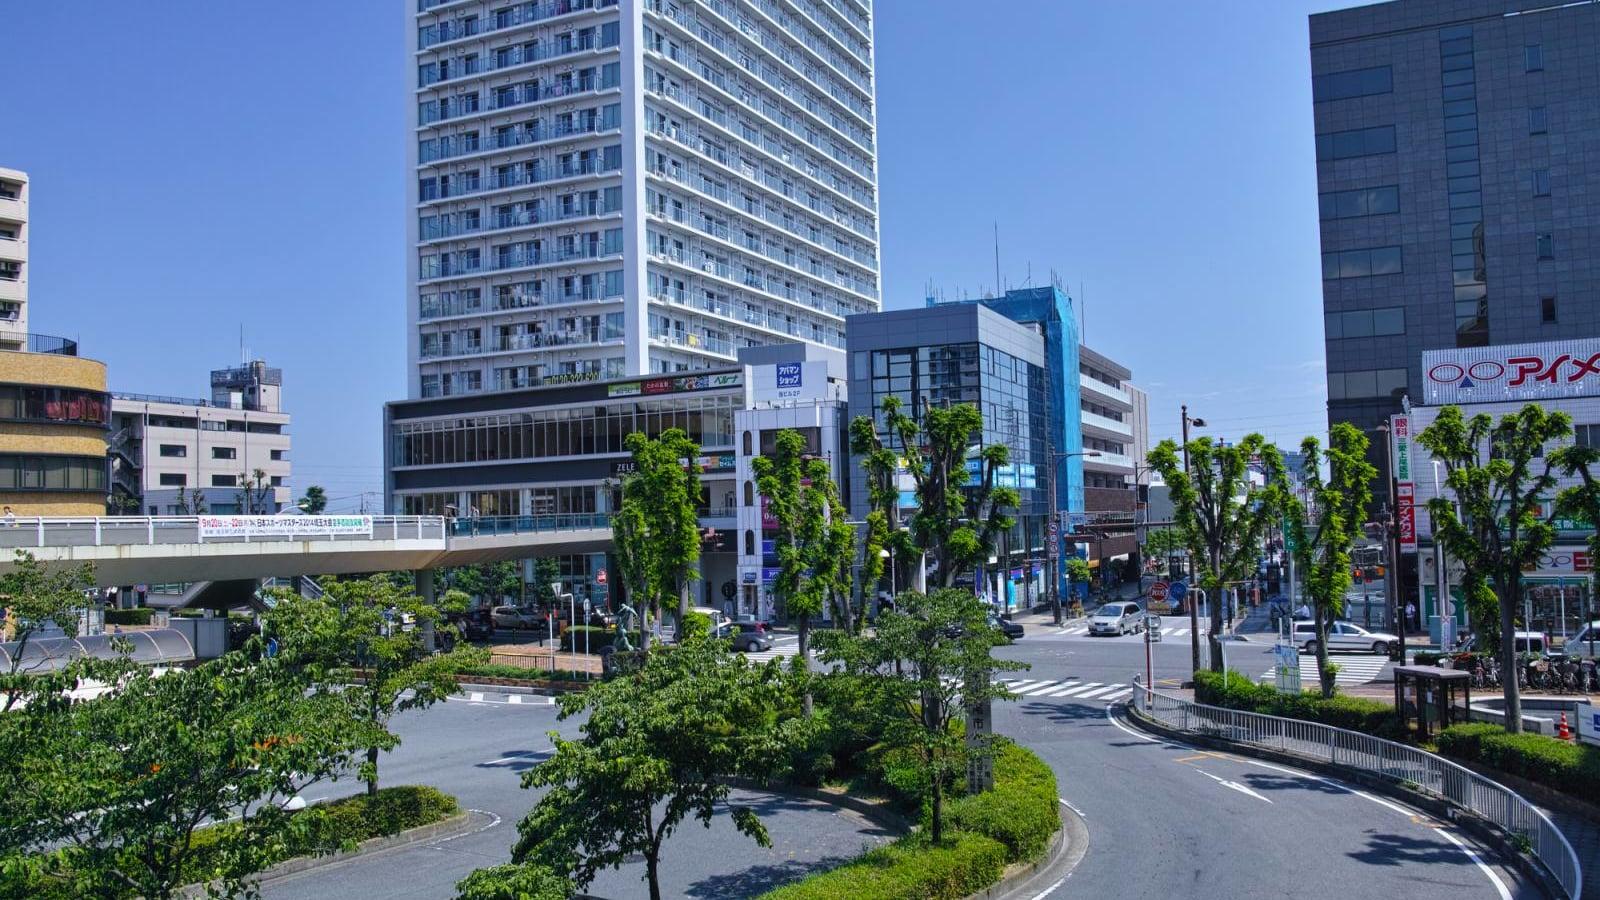 埼玉・上尾周辺のおすすめホテル|イベント遠征にも便利な格安ホテルあり!